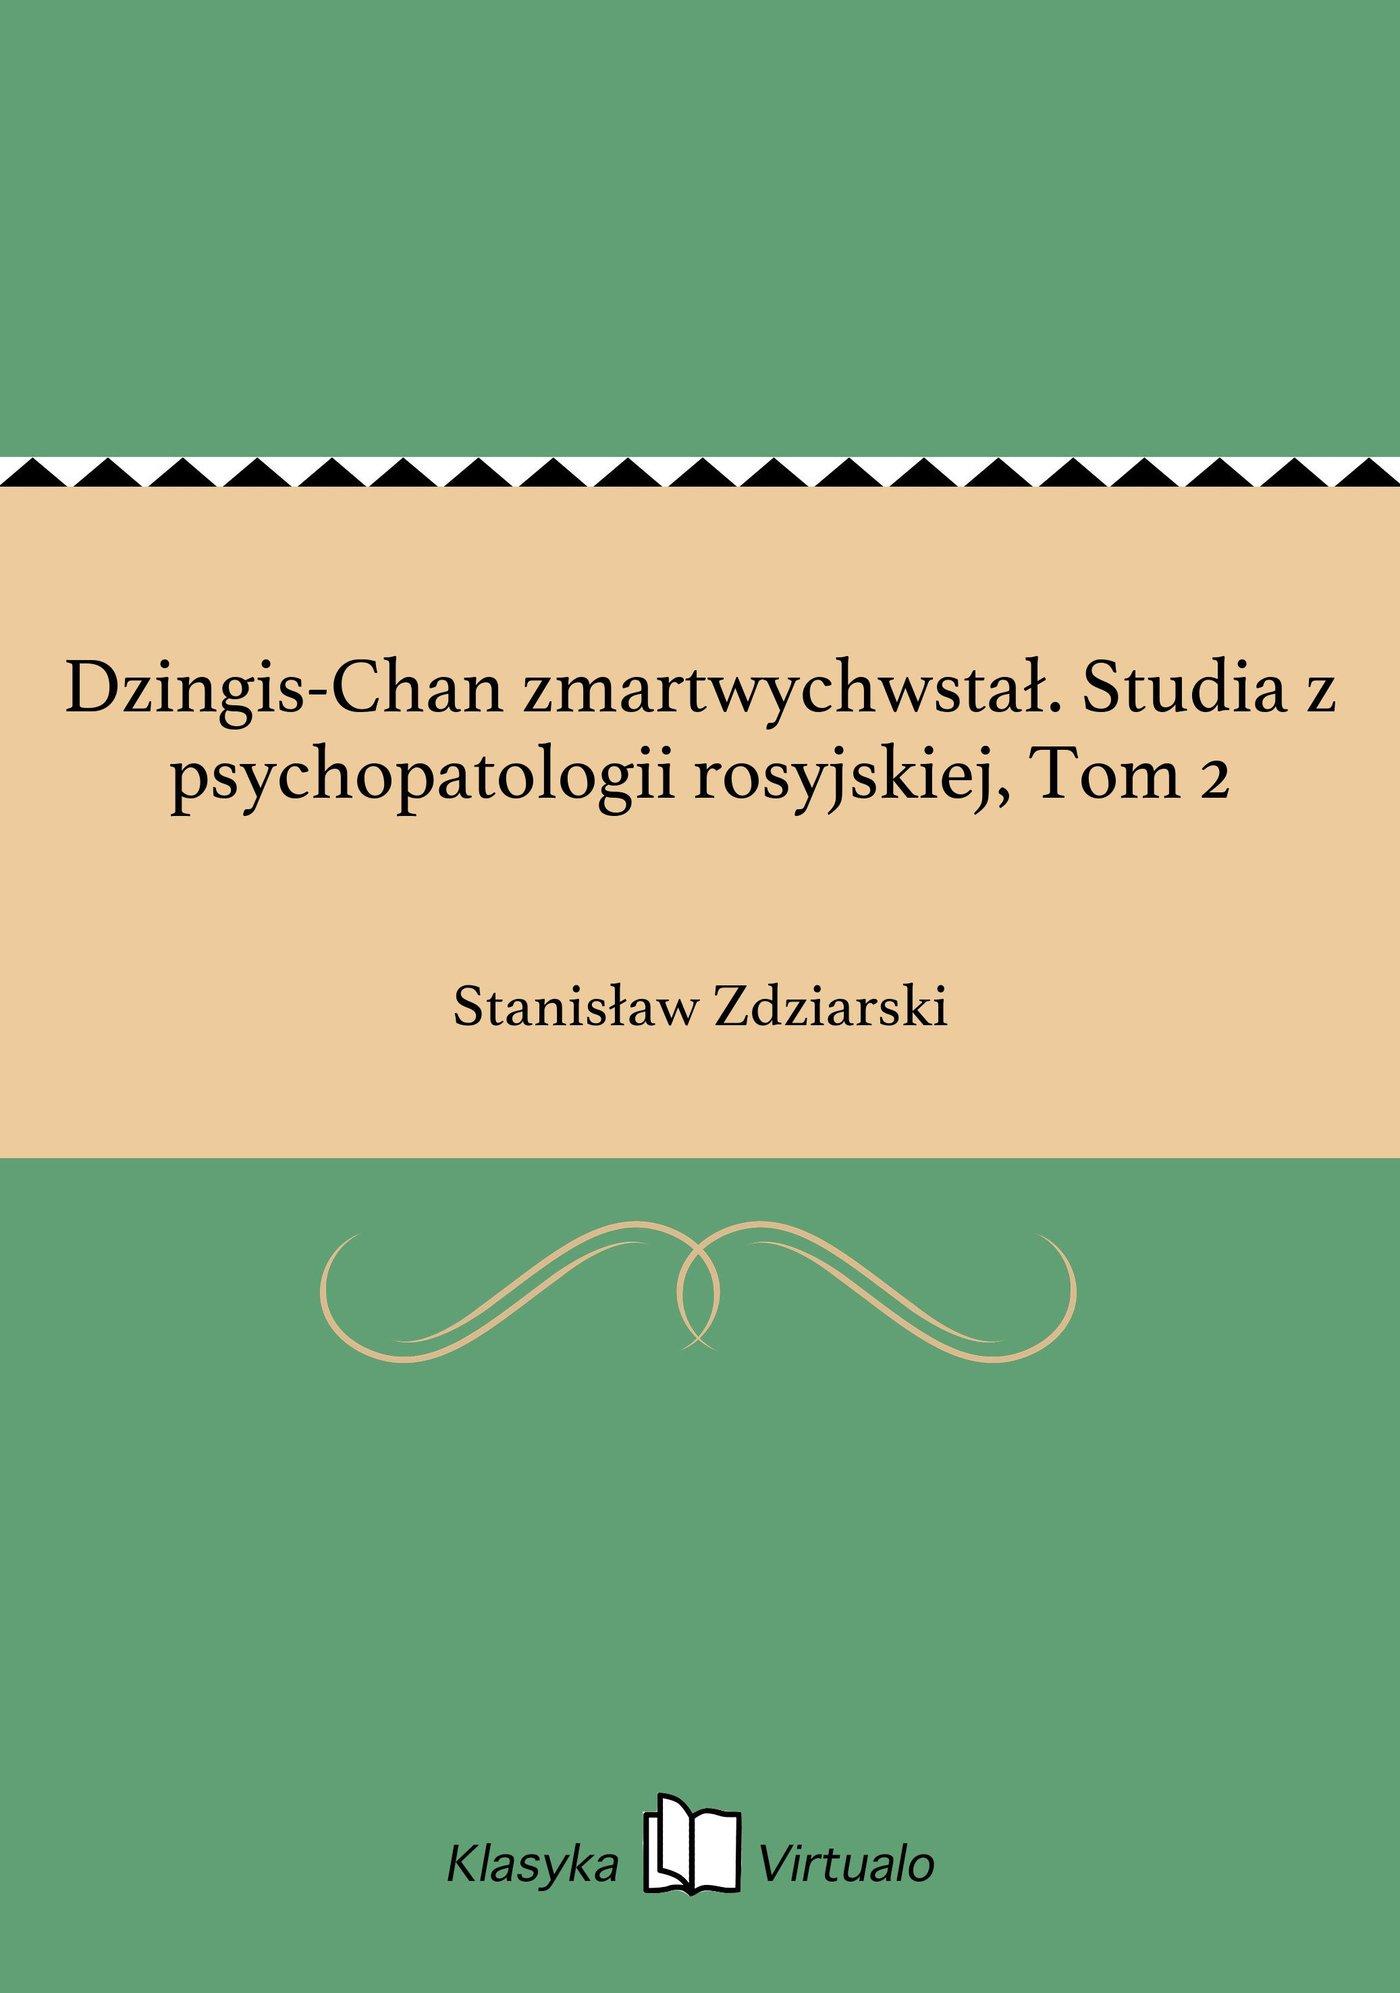 Dzingis-Chan zmartwychwstał. Studia z psychopatologii rosyjskiej, Tom 2 - Ebook (Książka EPUB) do pobrania w formacie EPUB